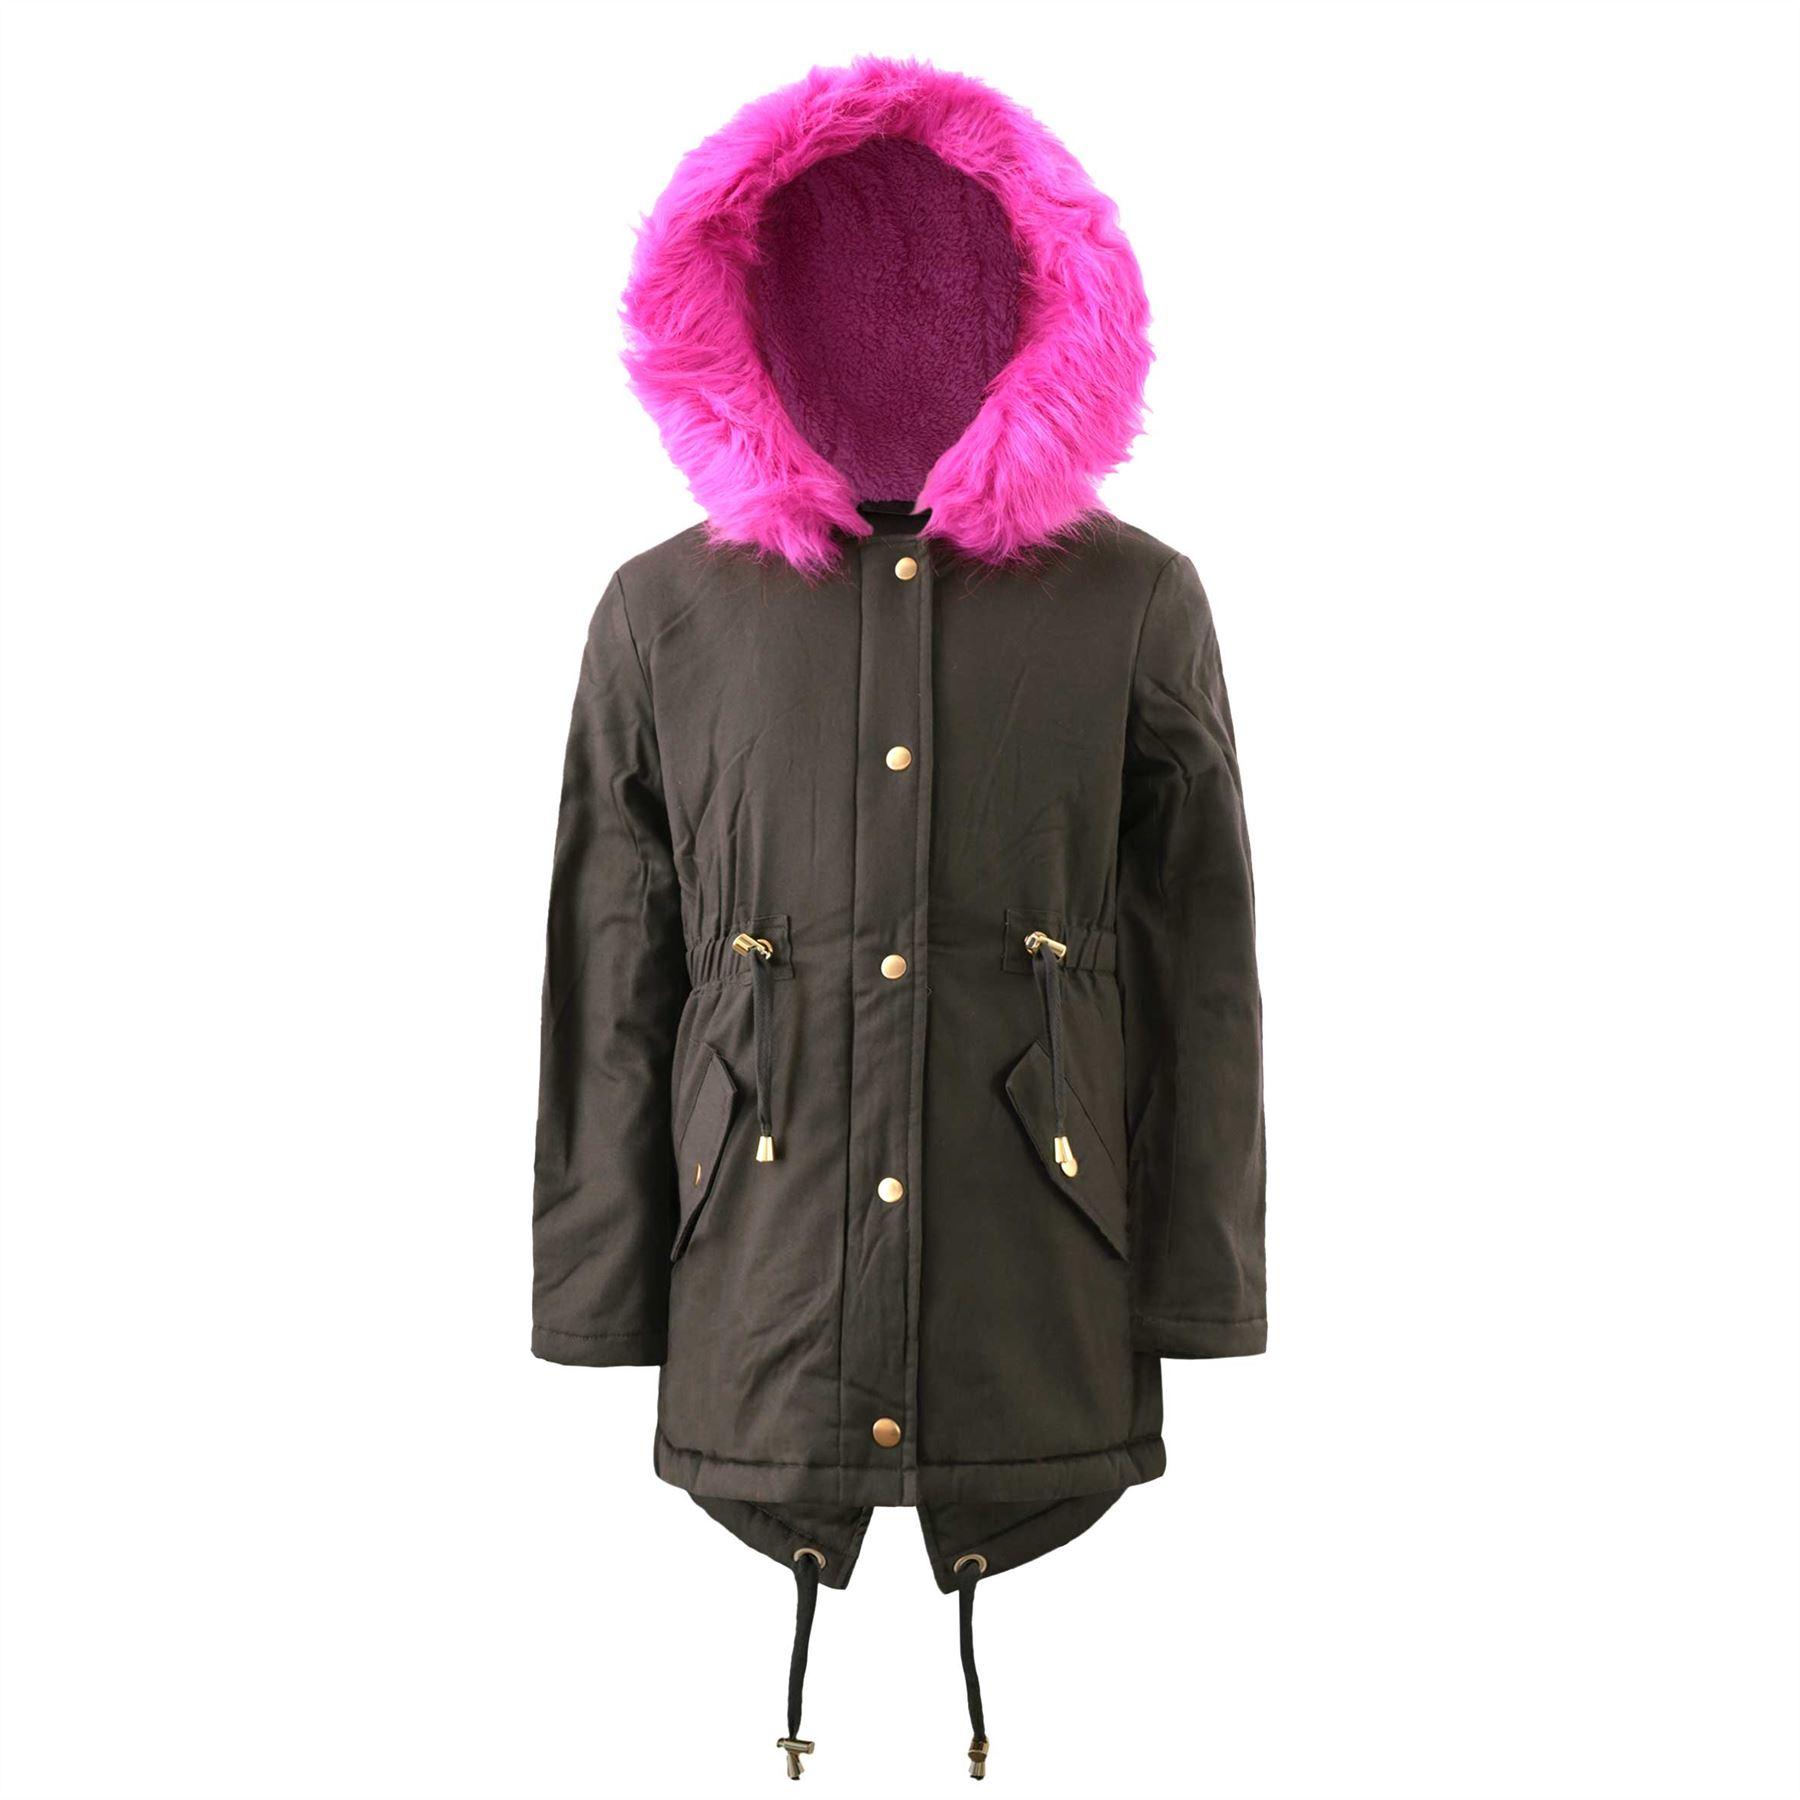 Manteau capuche enfant